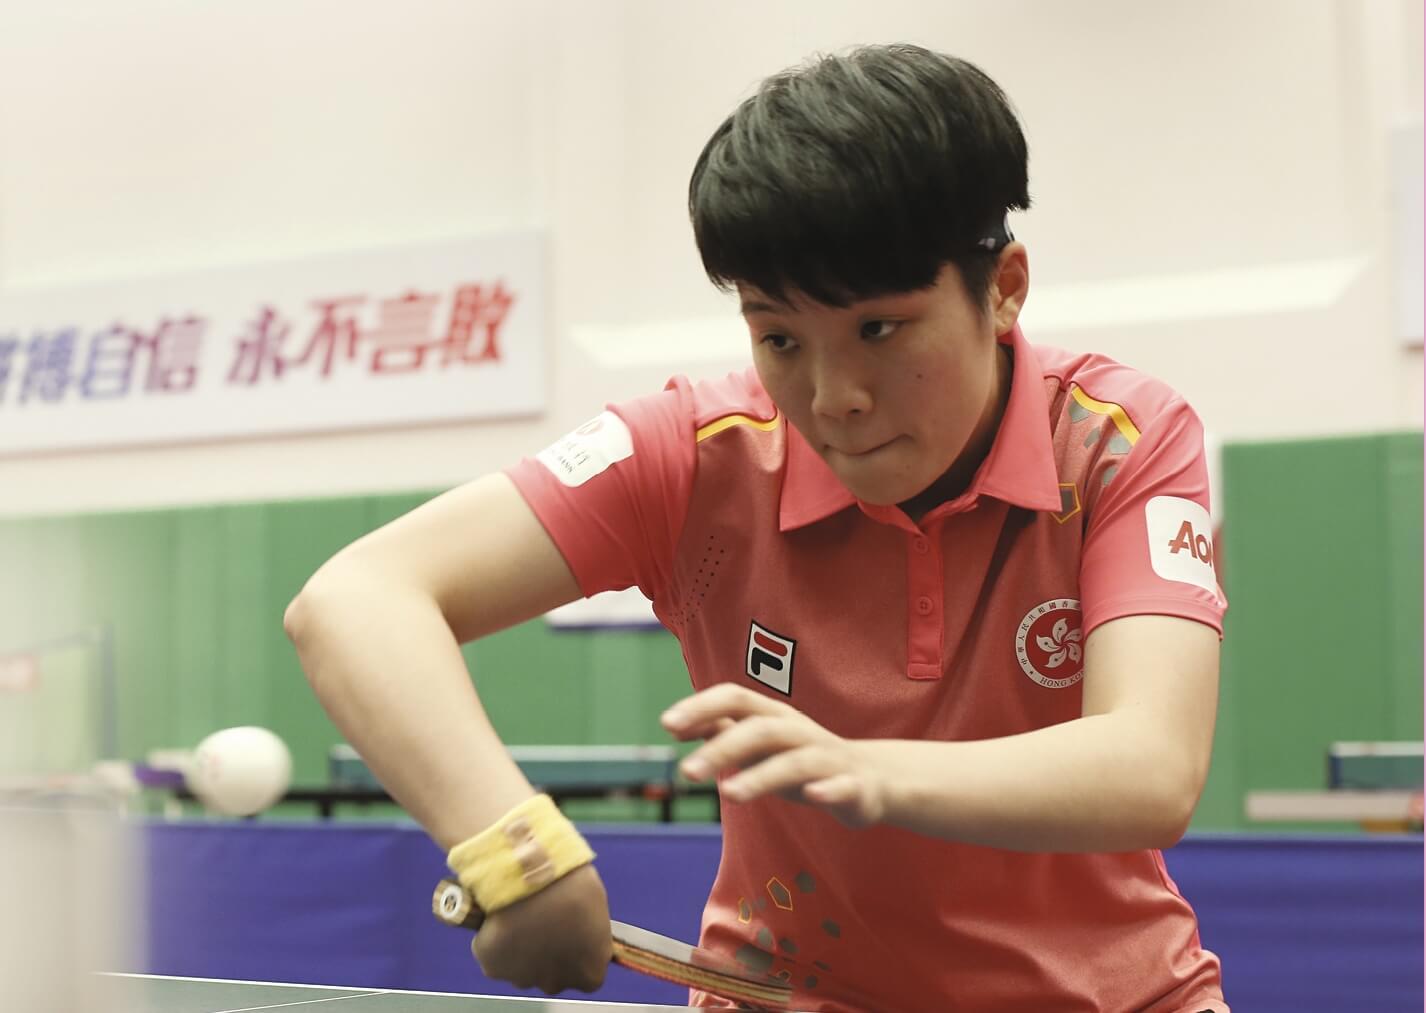 杜凱琹兩年前在伊館打敗中國乒乓「一姐」劉詩雯,下星期伊館舉行的分站賽,球迷期待她能交出好成績。